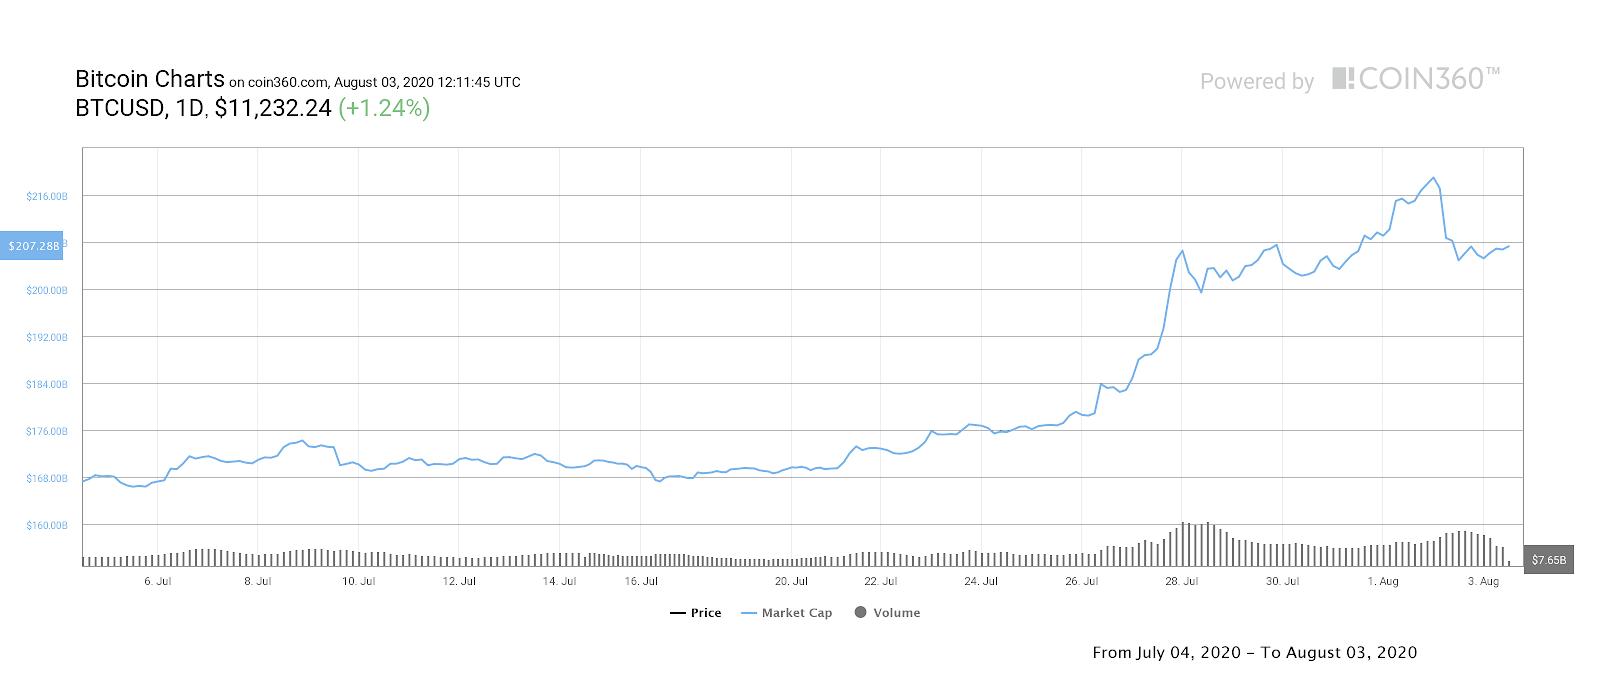 Bitcoin seven-day market cap chart